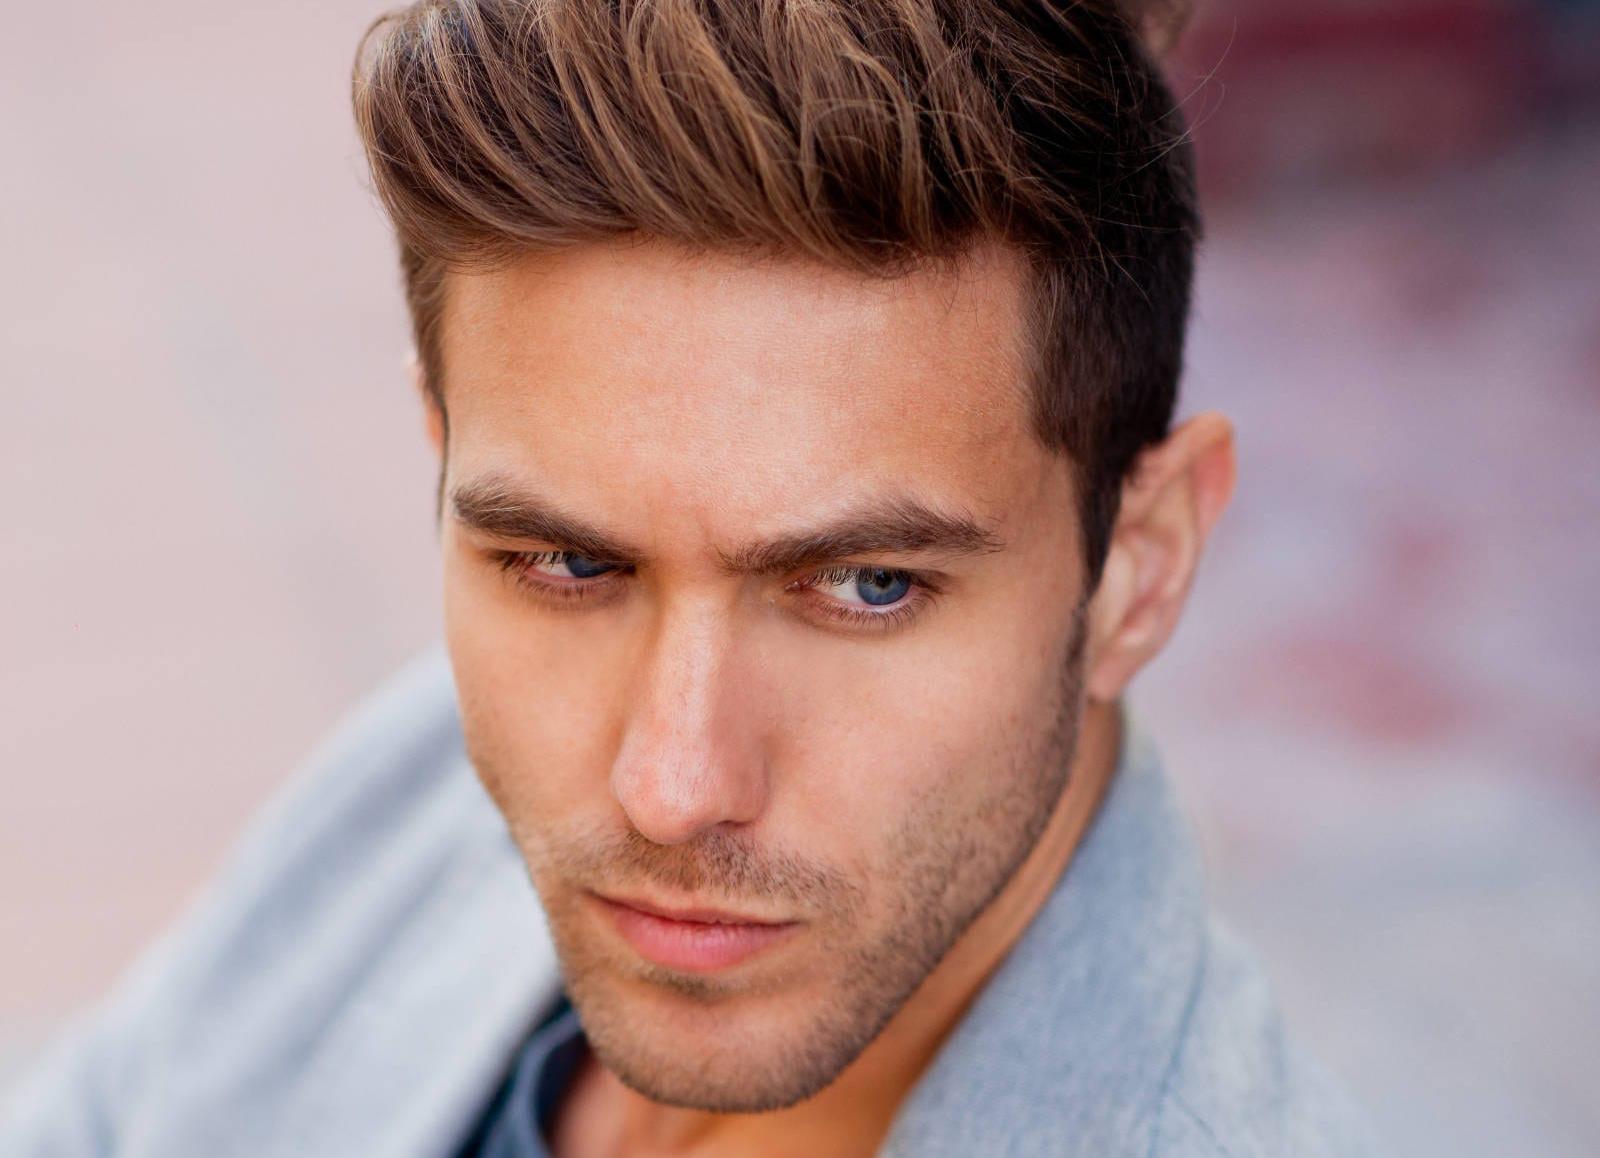 8 Kiểu tóc Quiff cổ điển và hiện đại dành cho các quý ông